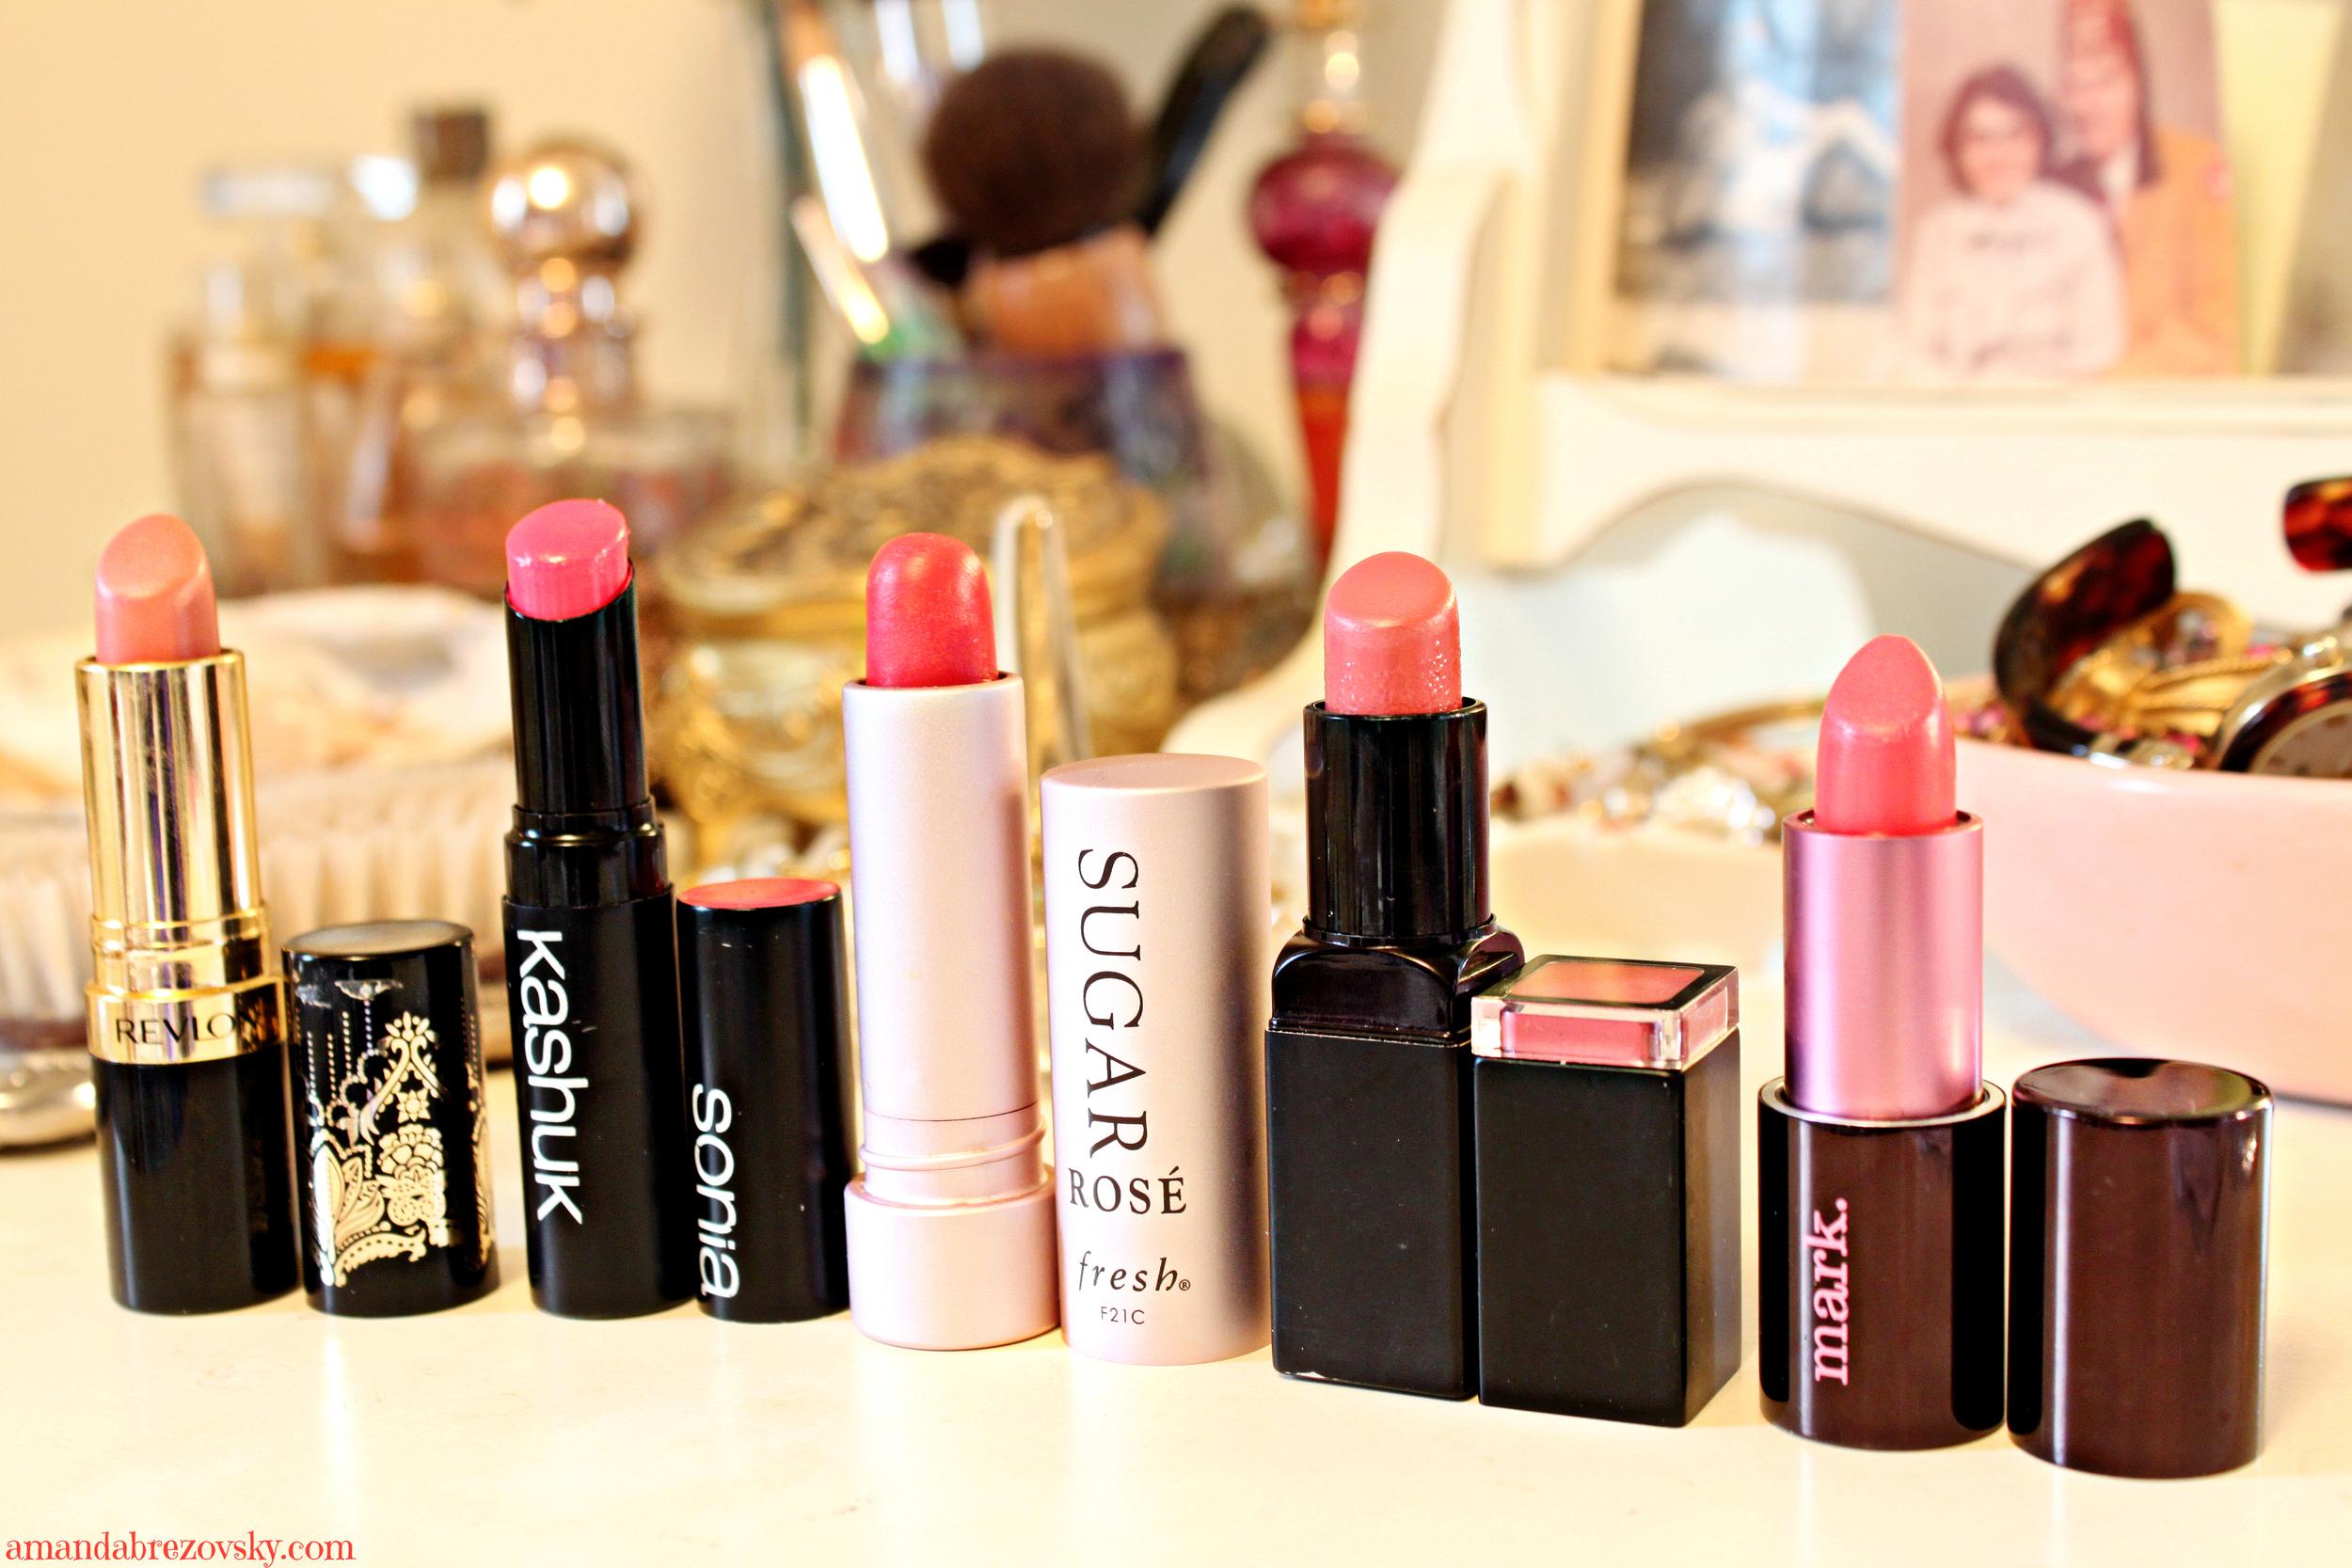 blushingbeauty     amandabrezovsky.com